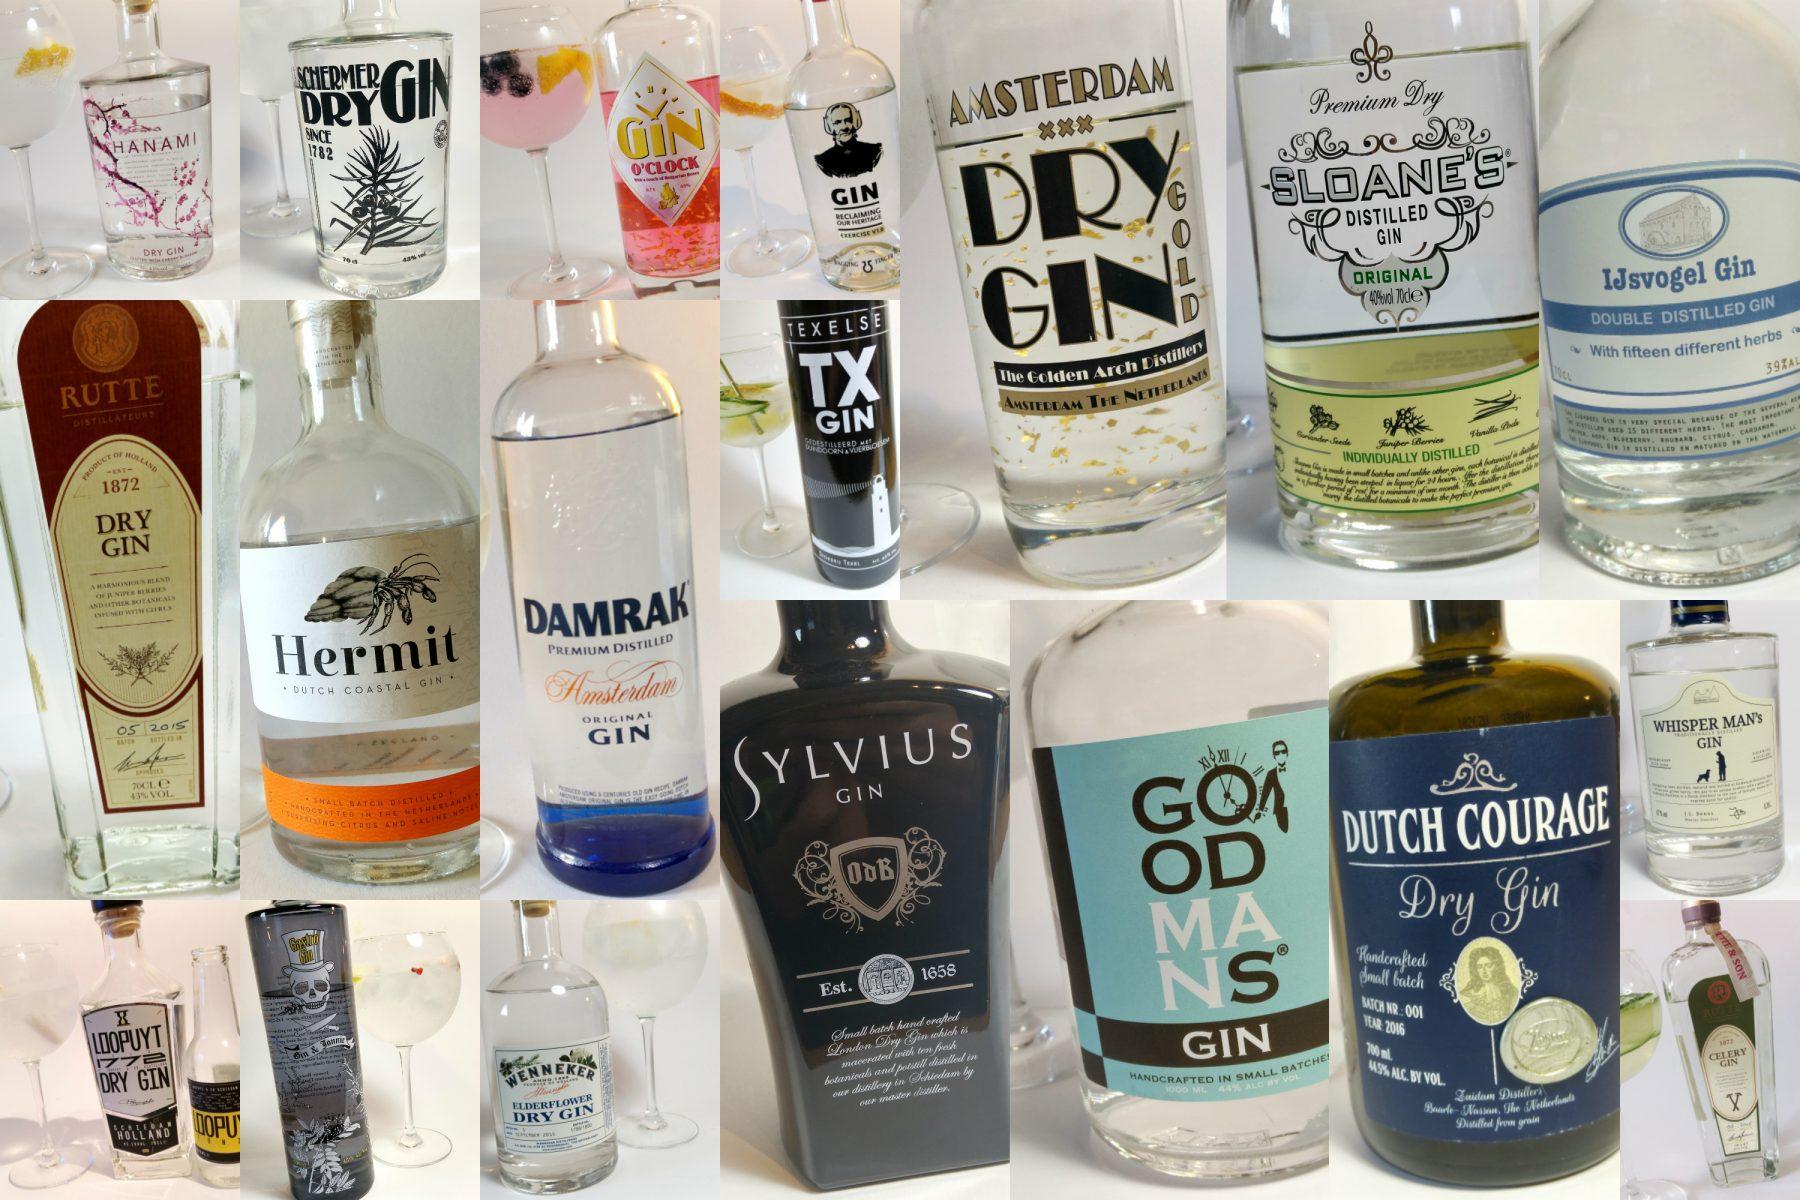 Nederlandse Gin - een overzicht